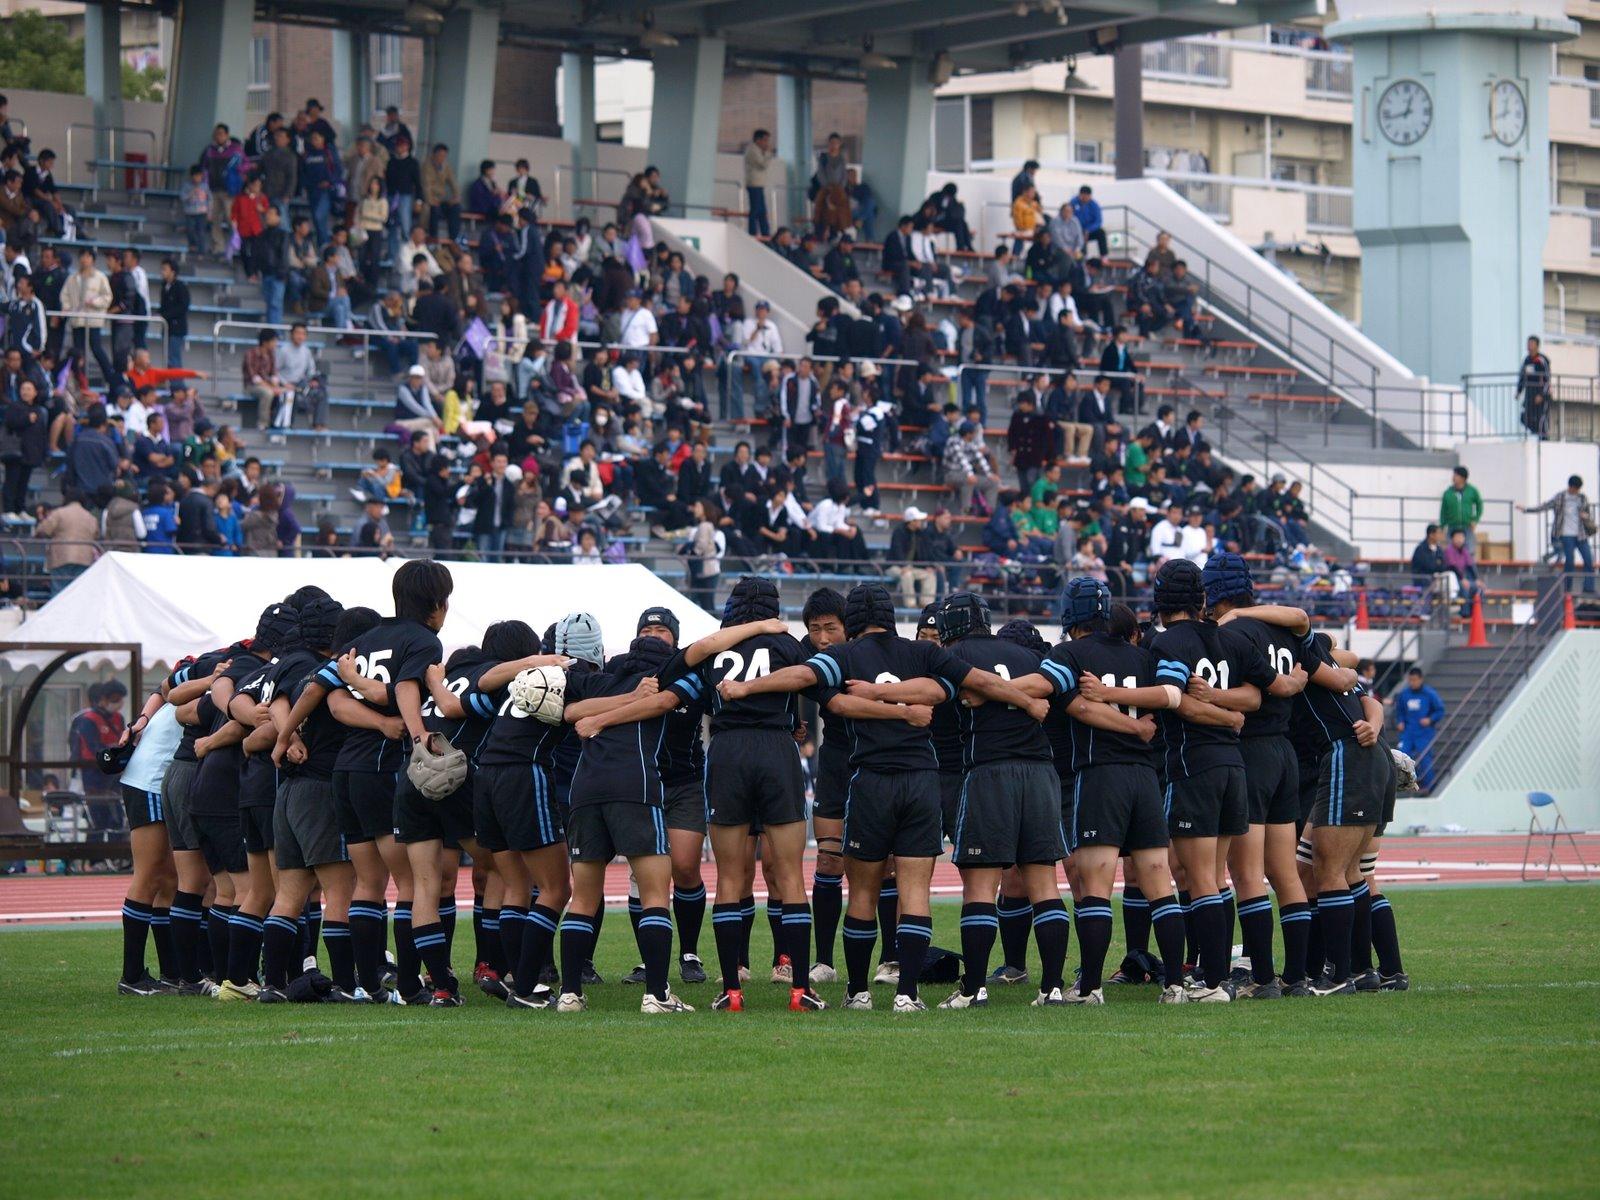 第89回全国高校ラグビー大会東京都予選準決勝戦試合開始直前